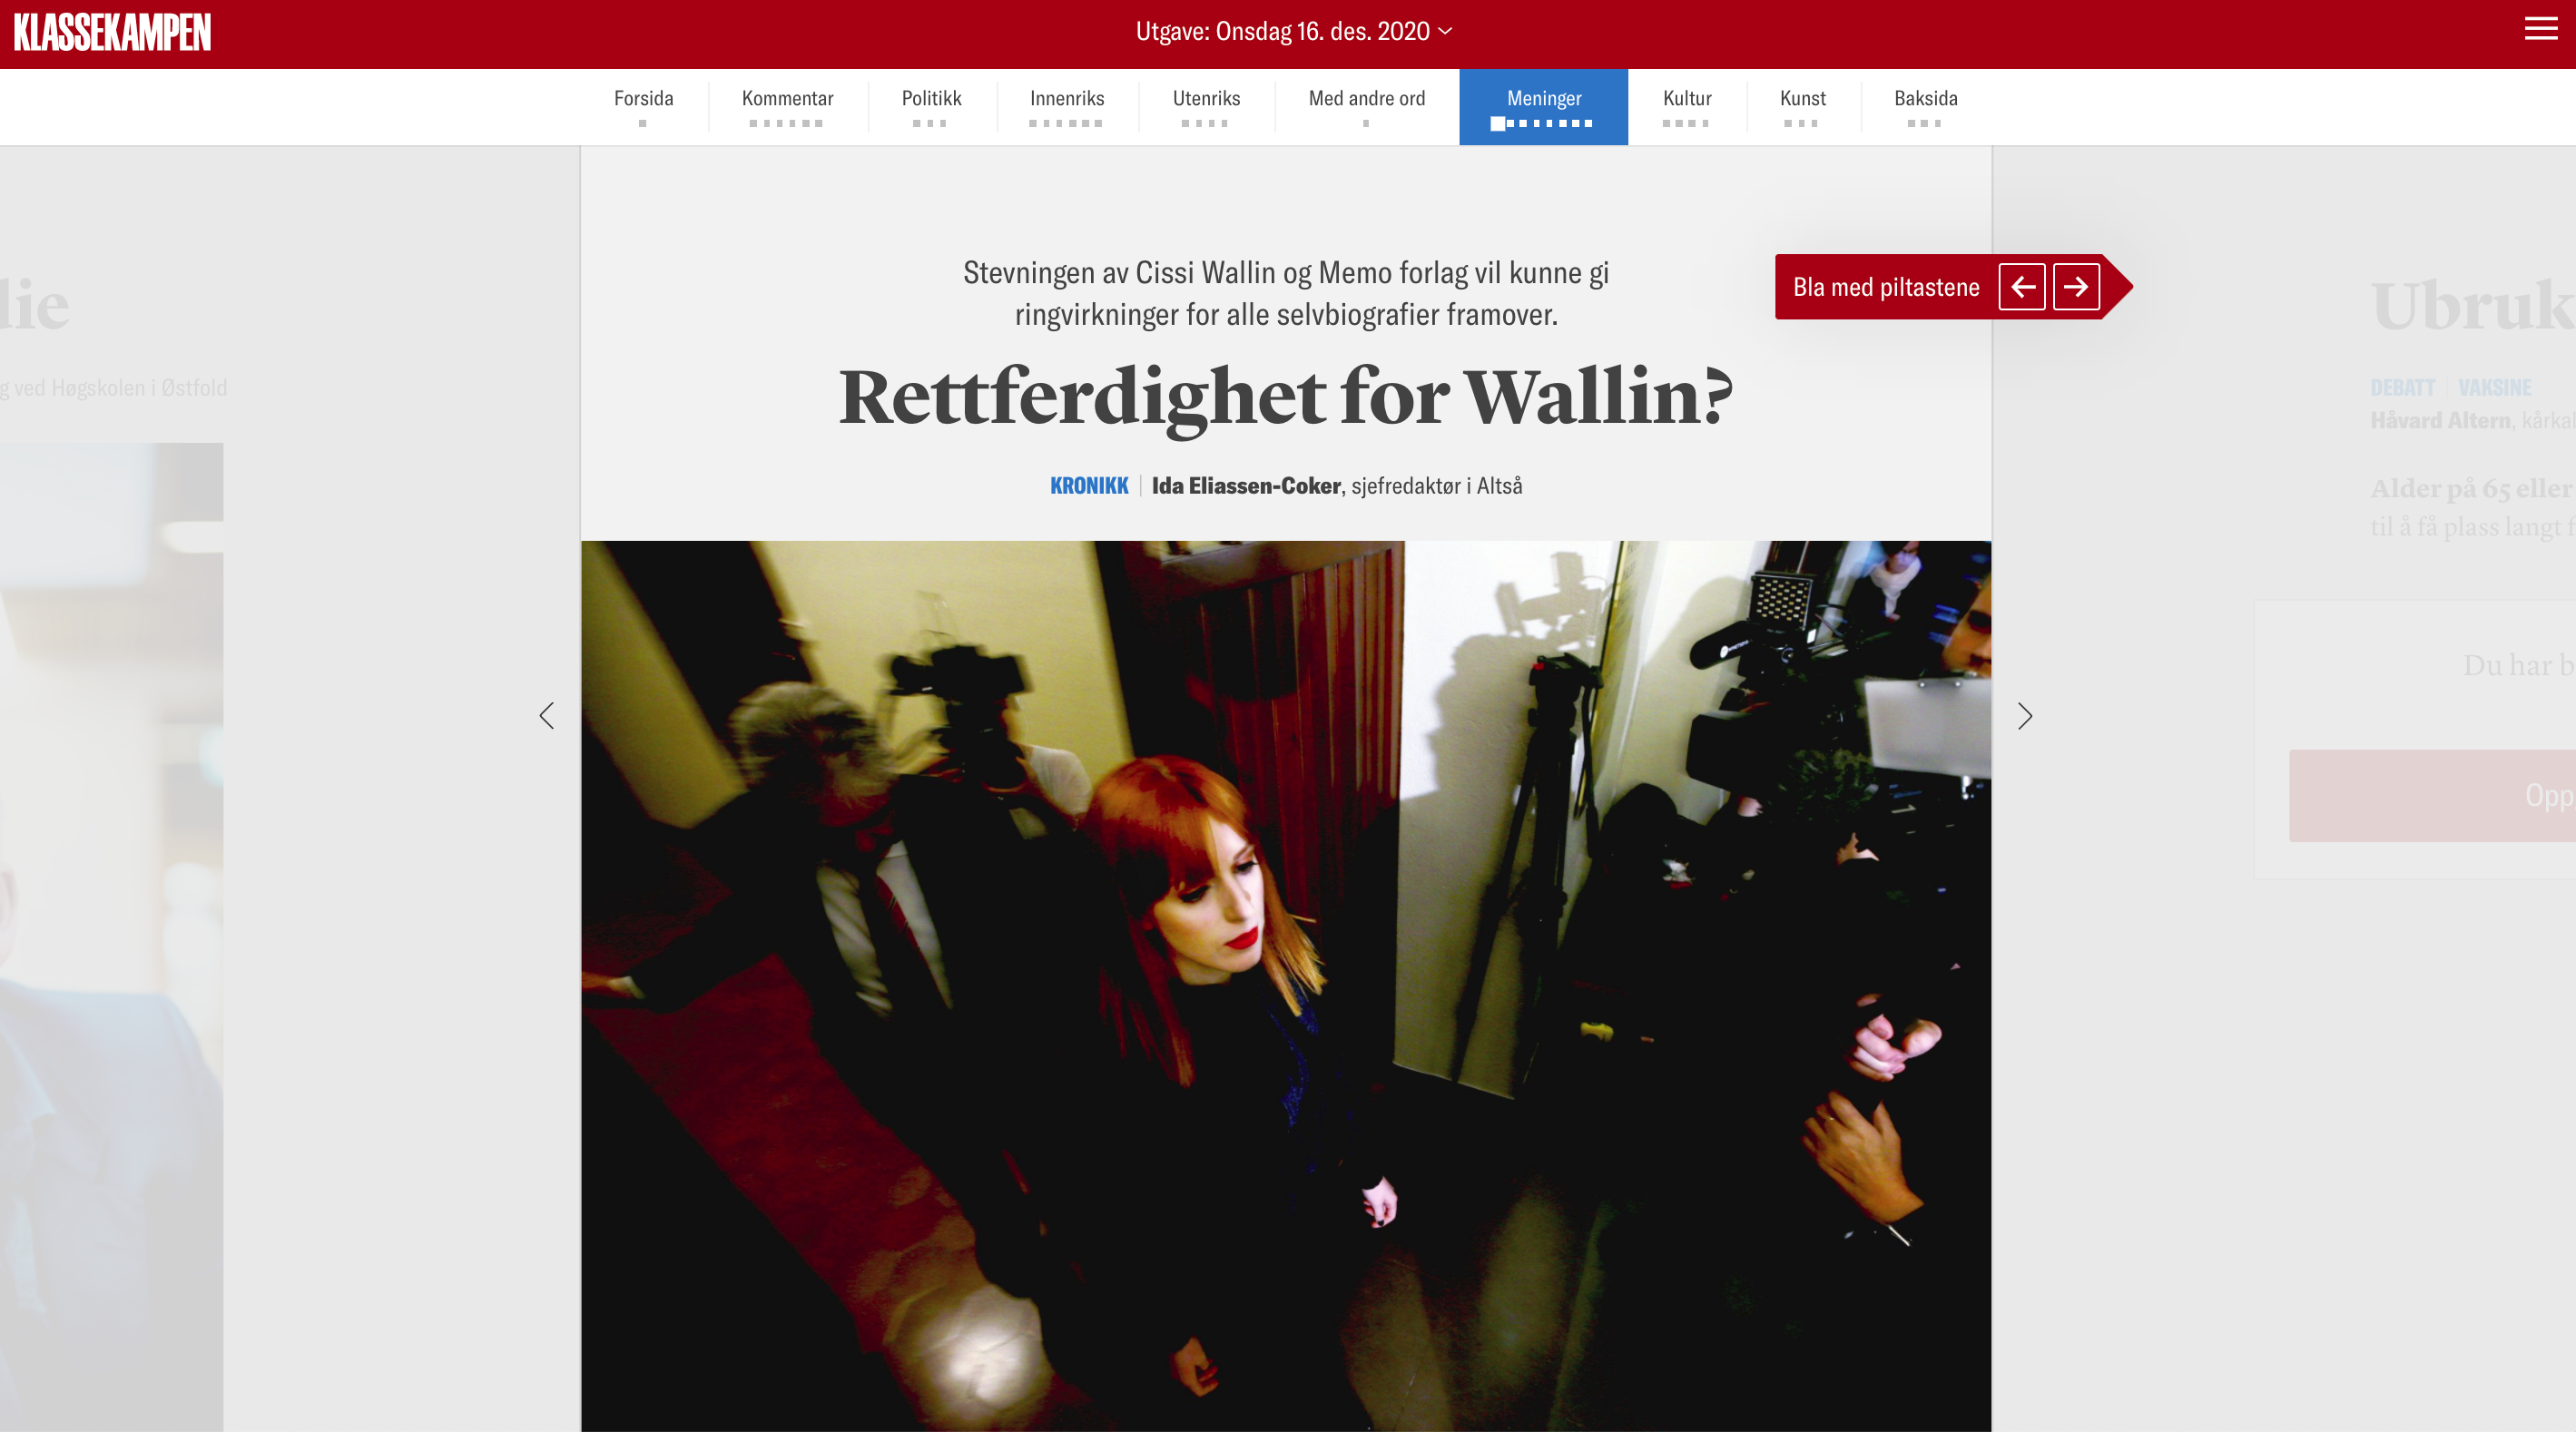 KK: Rettferdighet for Wallin?